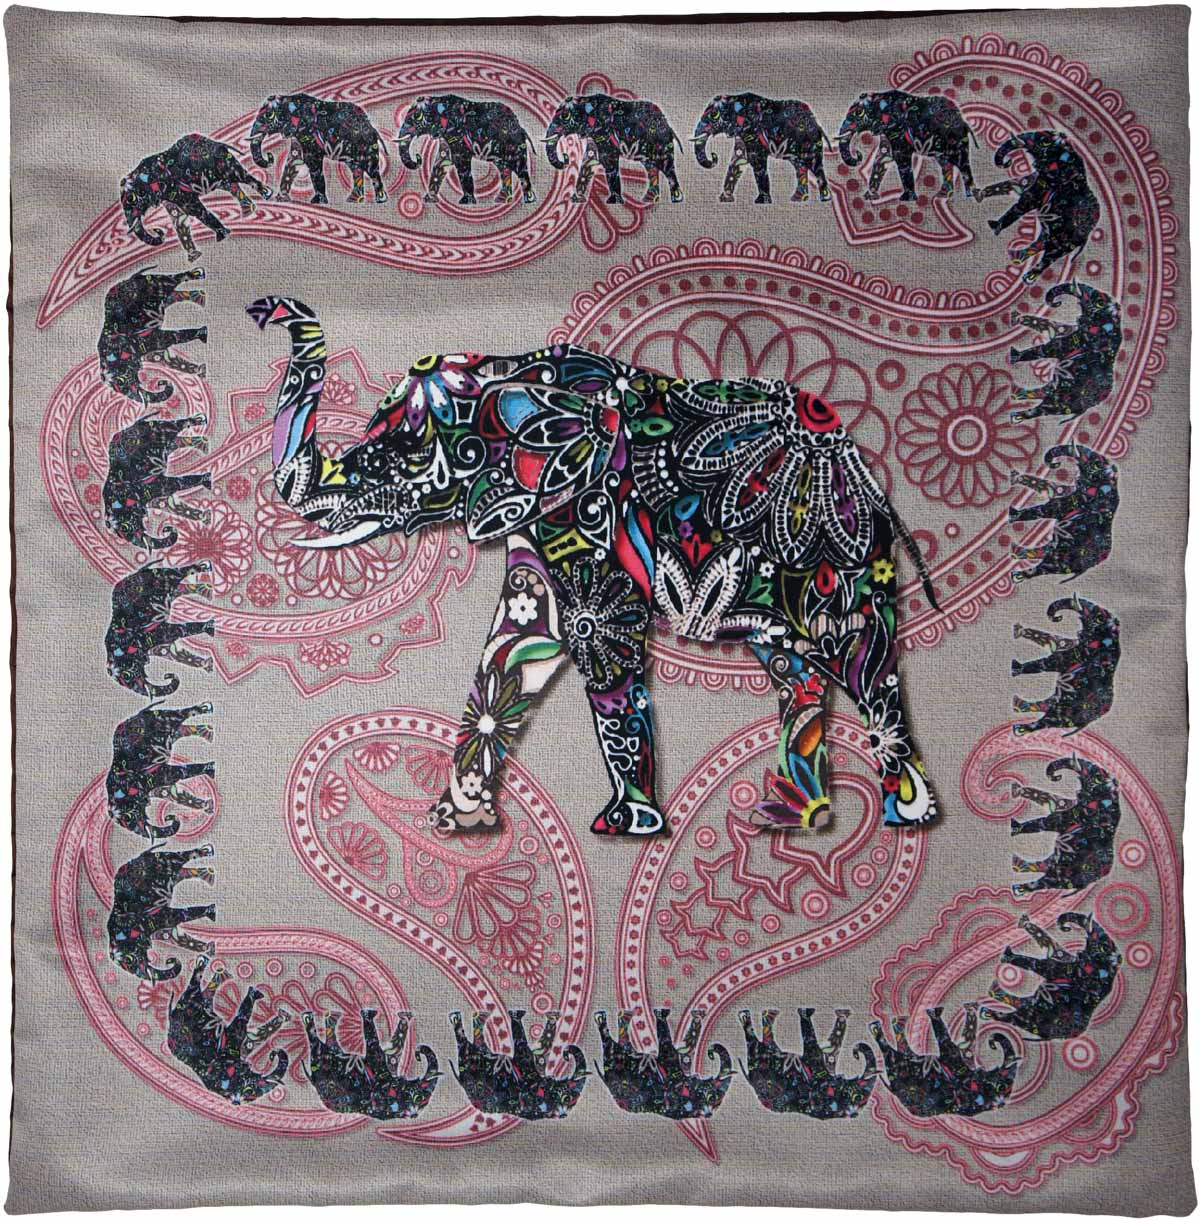 Наволочка для декоративной подушки GiftnHome Слон, цвет: серый, розовый, черный, 45 х 45 смRC-100BWCИзделие изготовлено из искусственного шелка - атласа! Наволочка на молнии